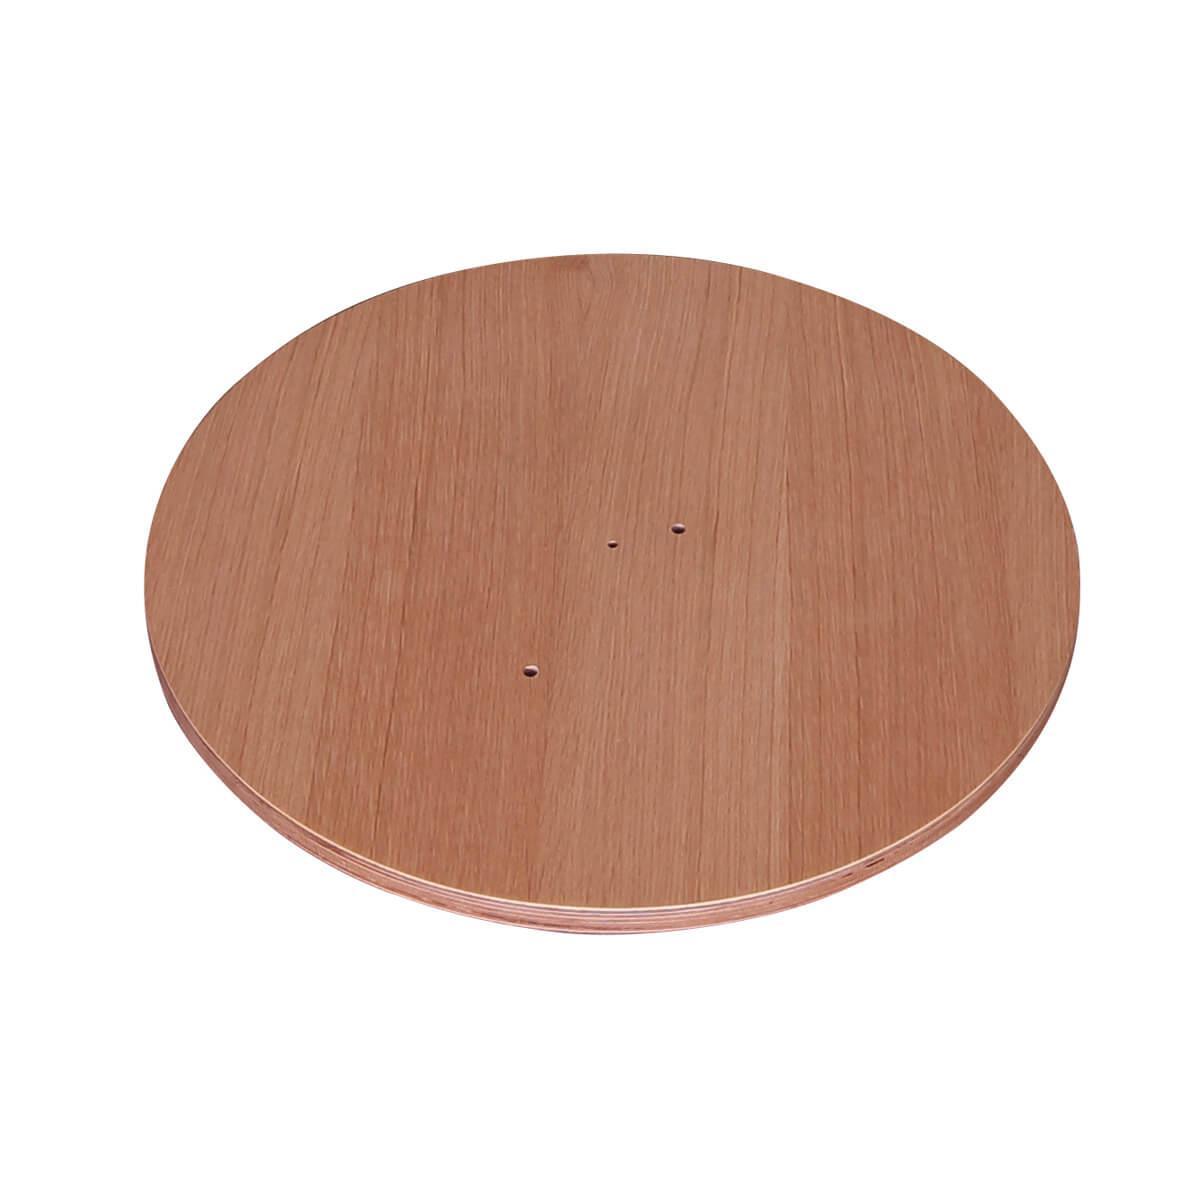 Bodenplatte Baum KASVA Multiplex furniert Eiche-geölt